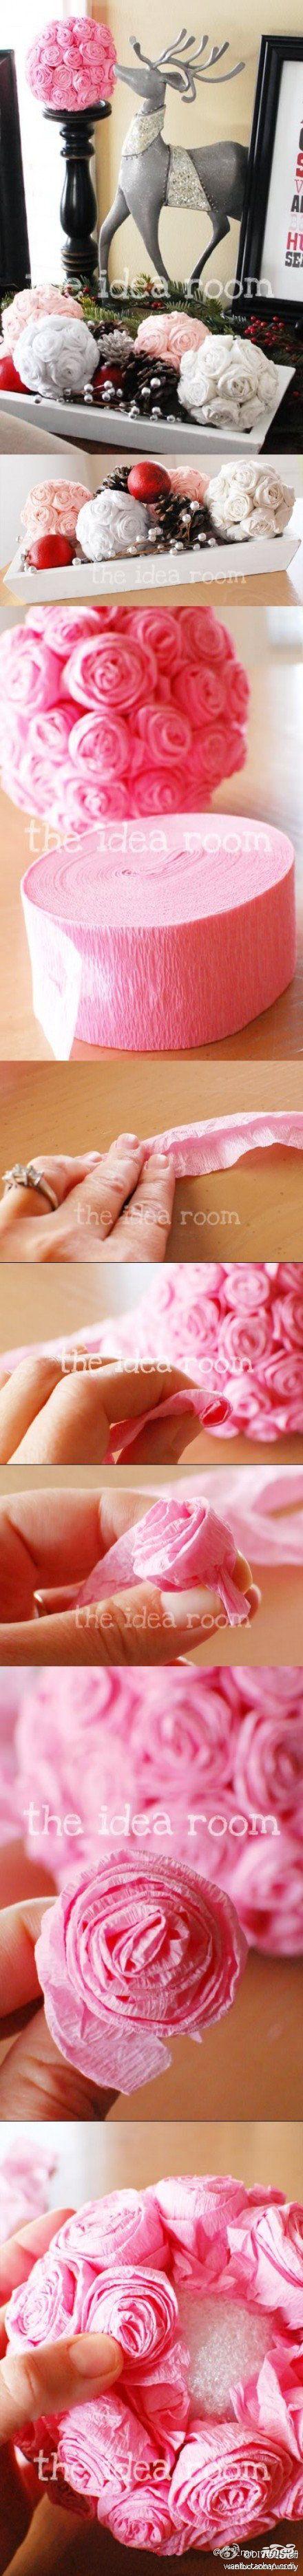 How To Make Tissue Flowers Pinterest Flower Ball Diy Flower And